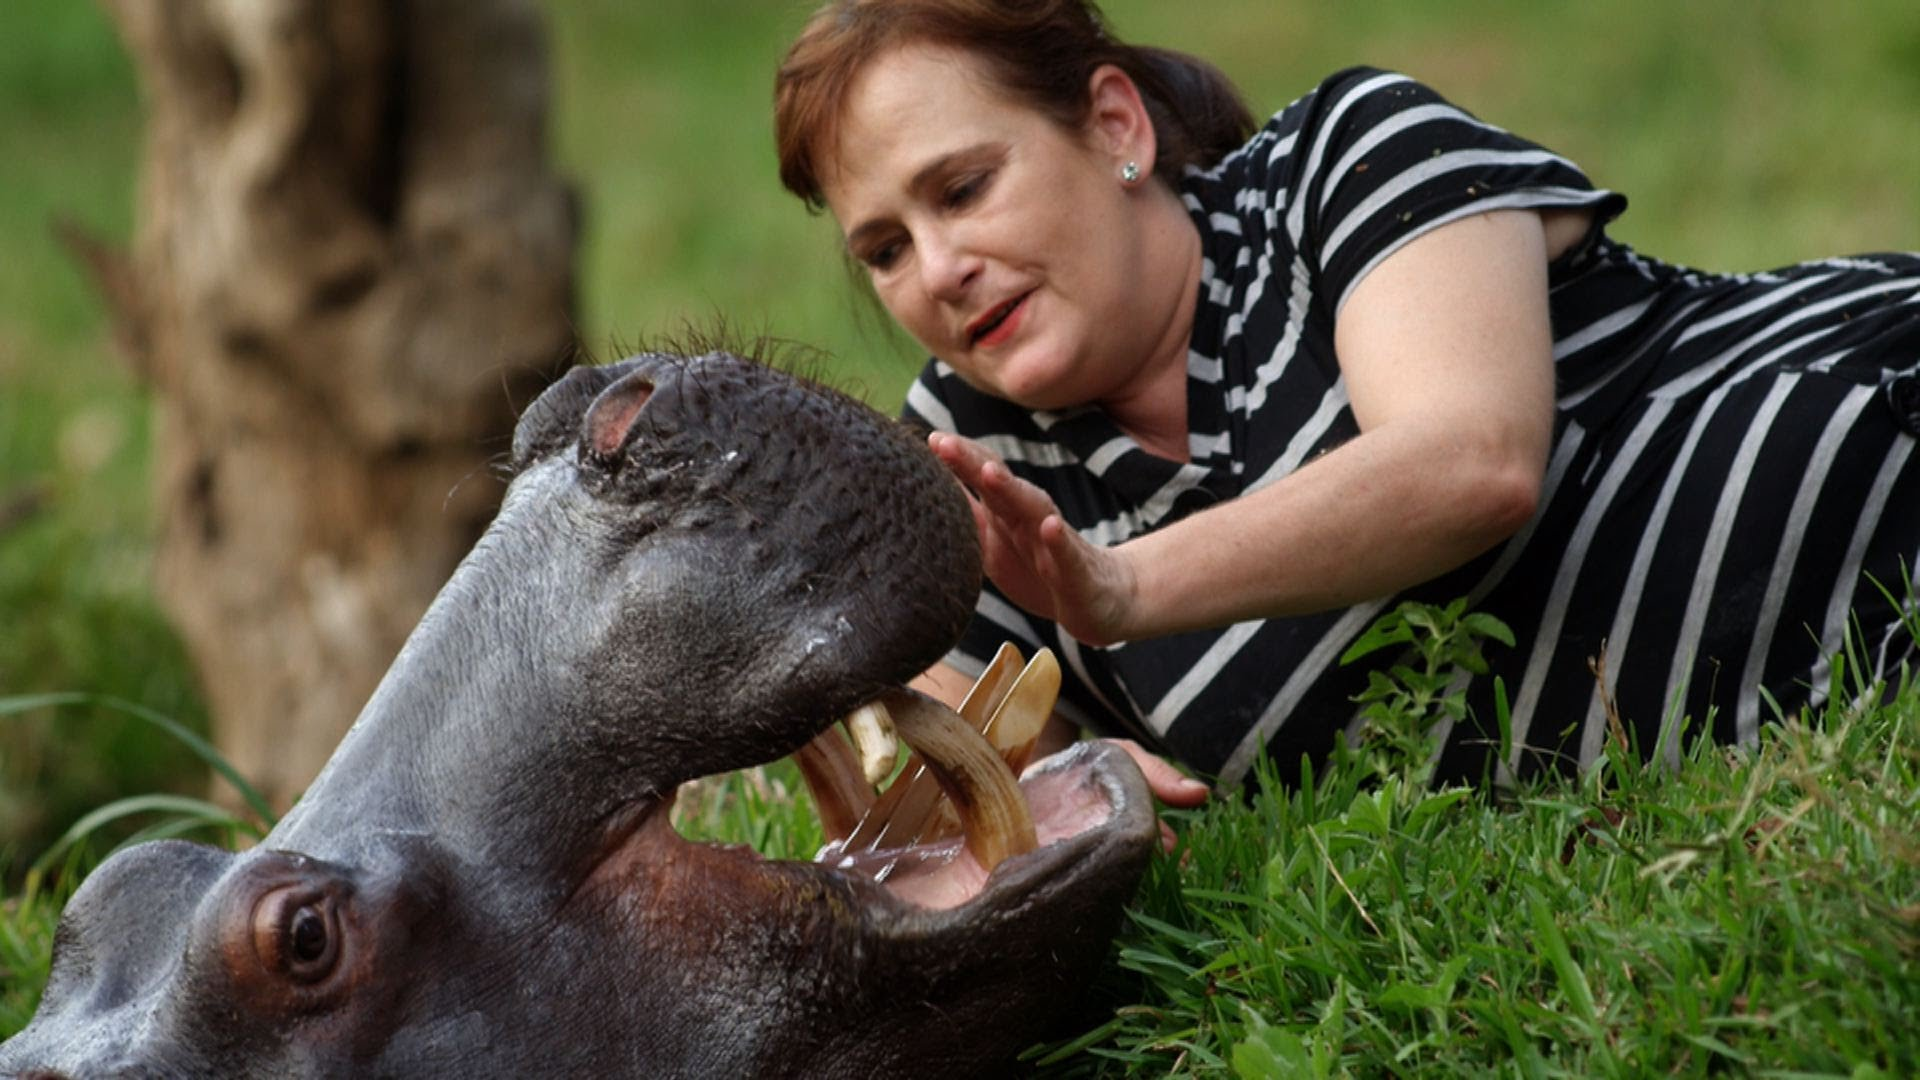 Bemutatjuk Jessicát, a vízilovat, akit emberek neveltek fel